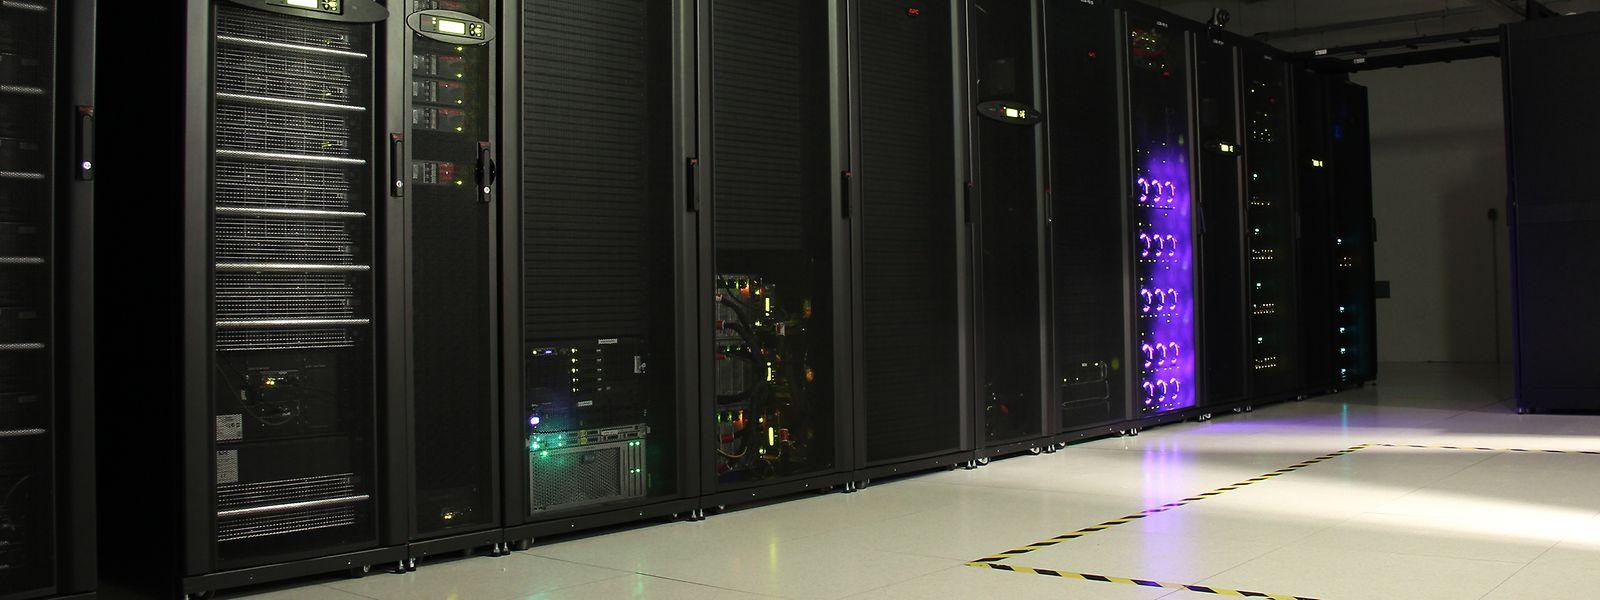 Le superordinateur de l'université à Belval aura bientôt un homologue à Bissen